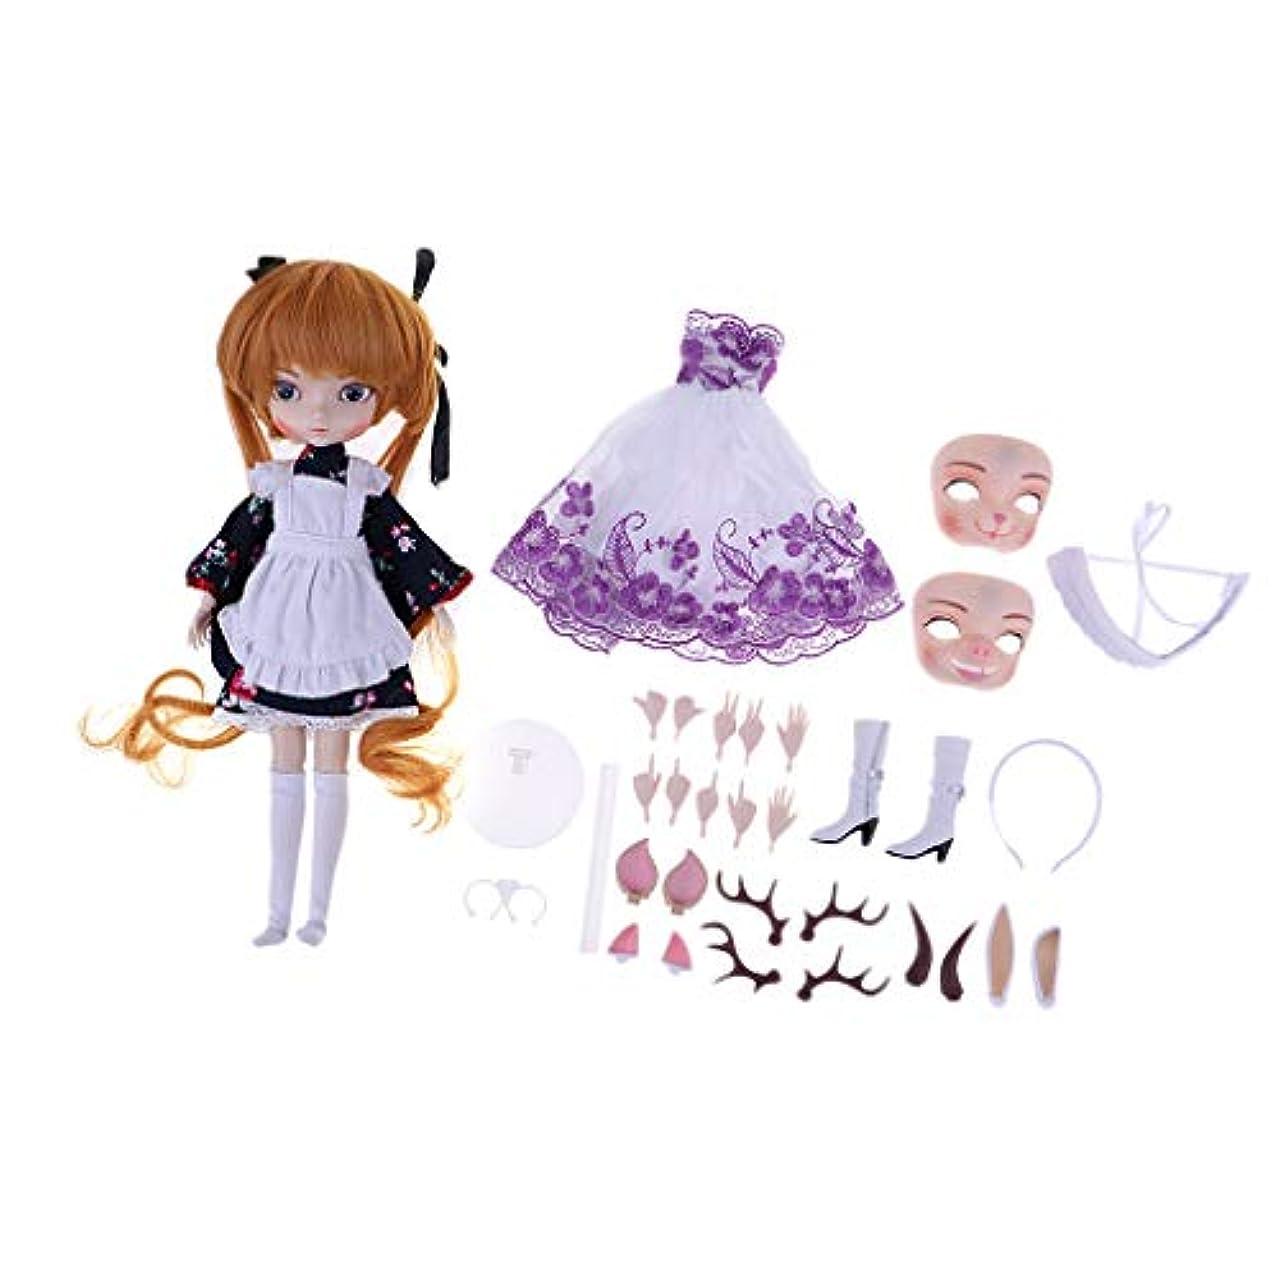 メダル速いDYNWAVE 人形衣装 ドレス 靴 ドール服 人形服 1/6スケール SD人形に対応 キット 子供の日 プレゼント